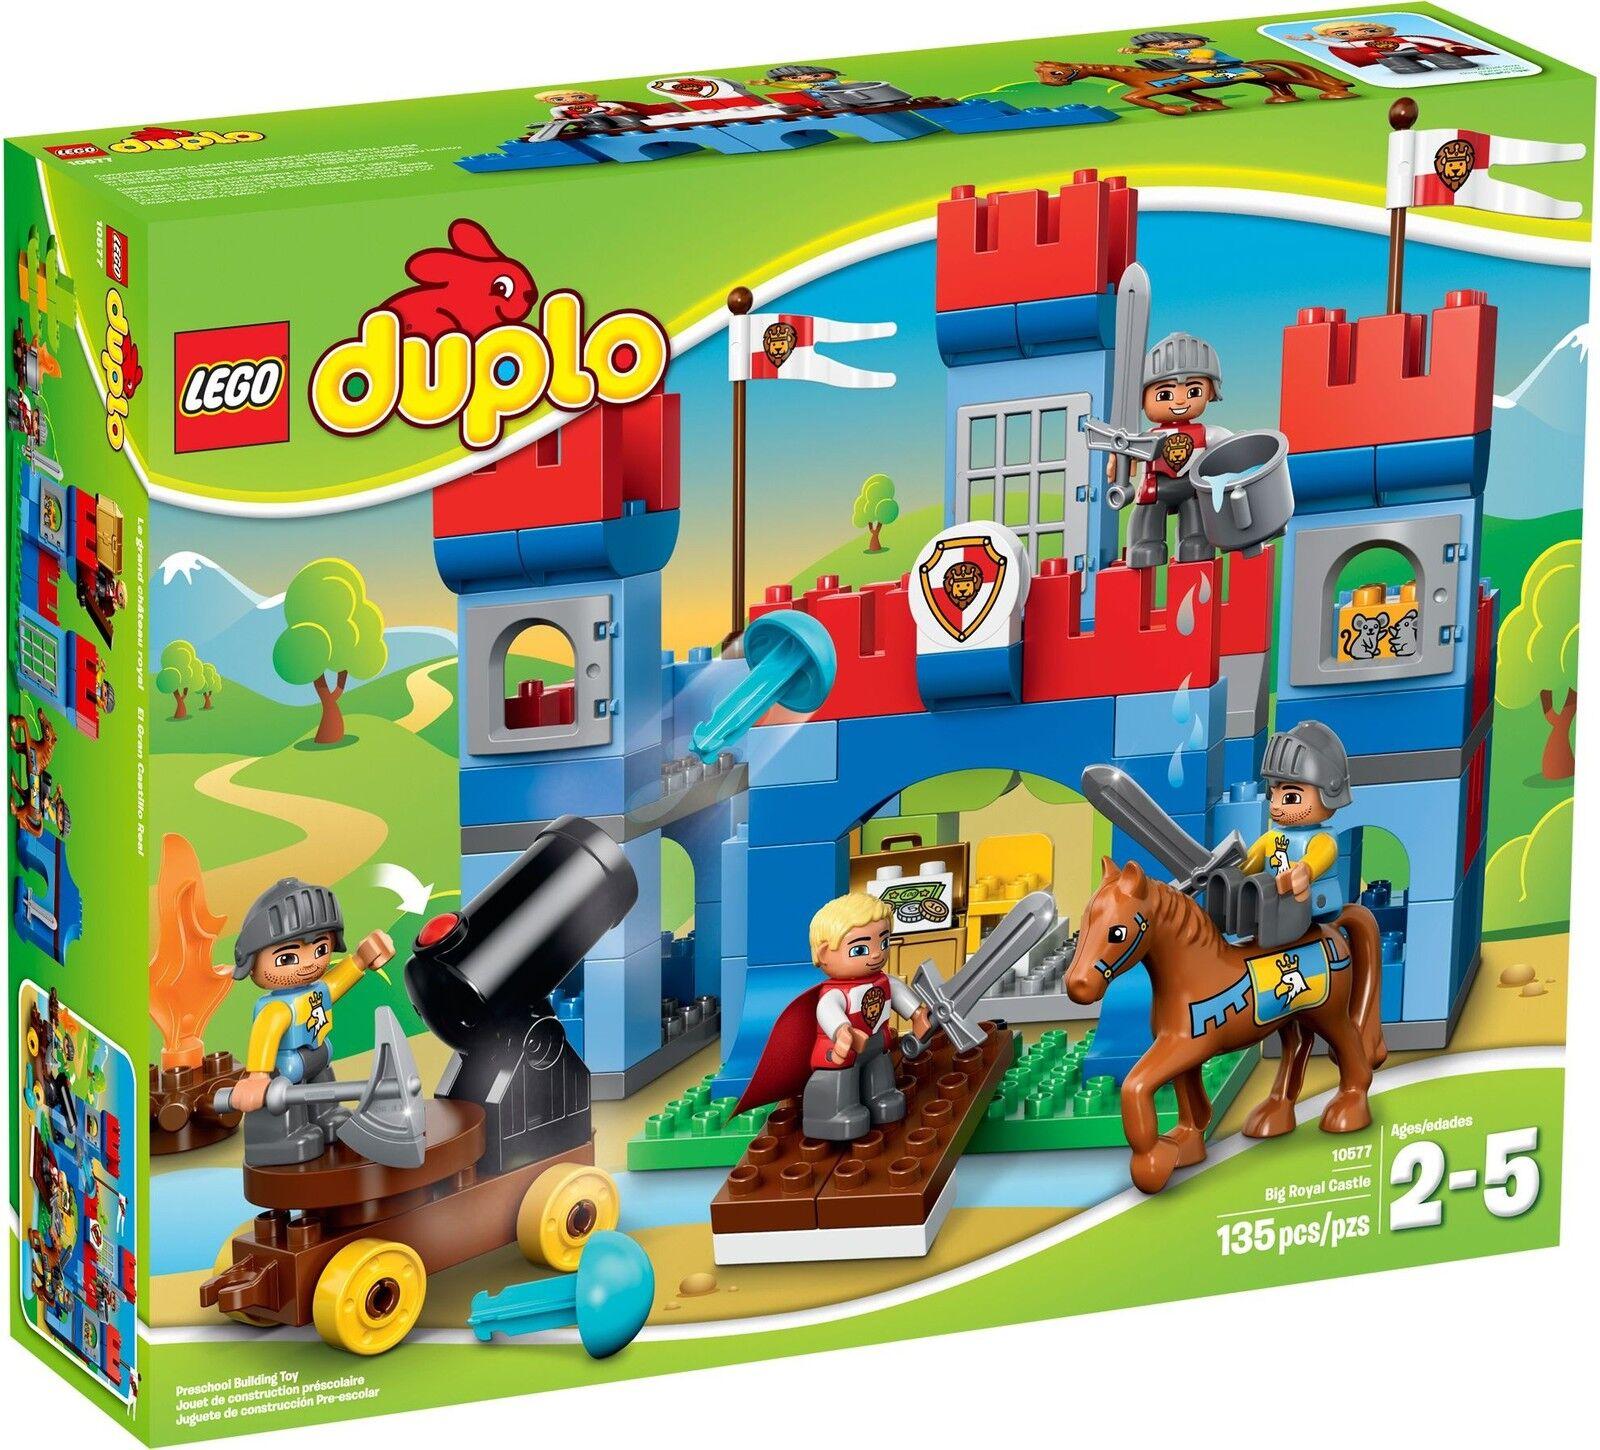 LEGO Duplo - 10577 Große Schlossburg - Neu Neu Neu & OVP 8065d0